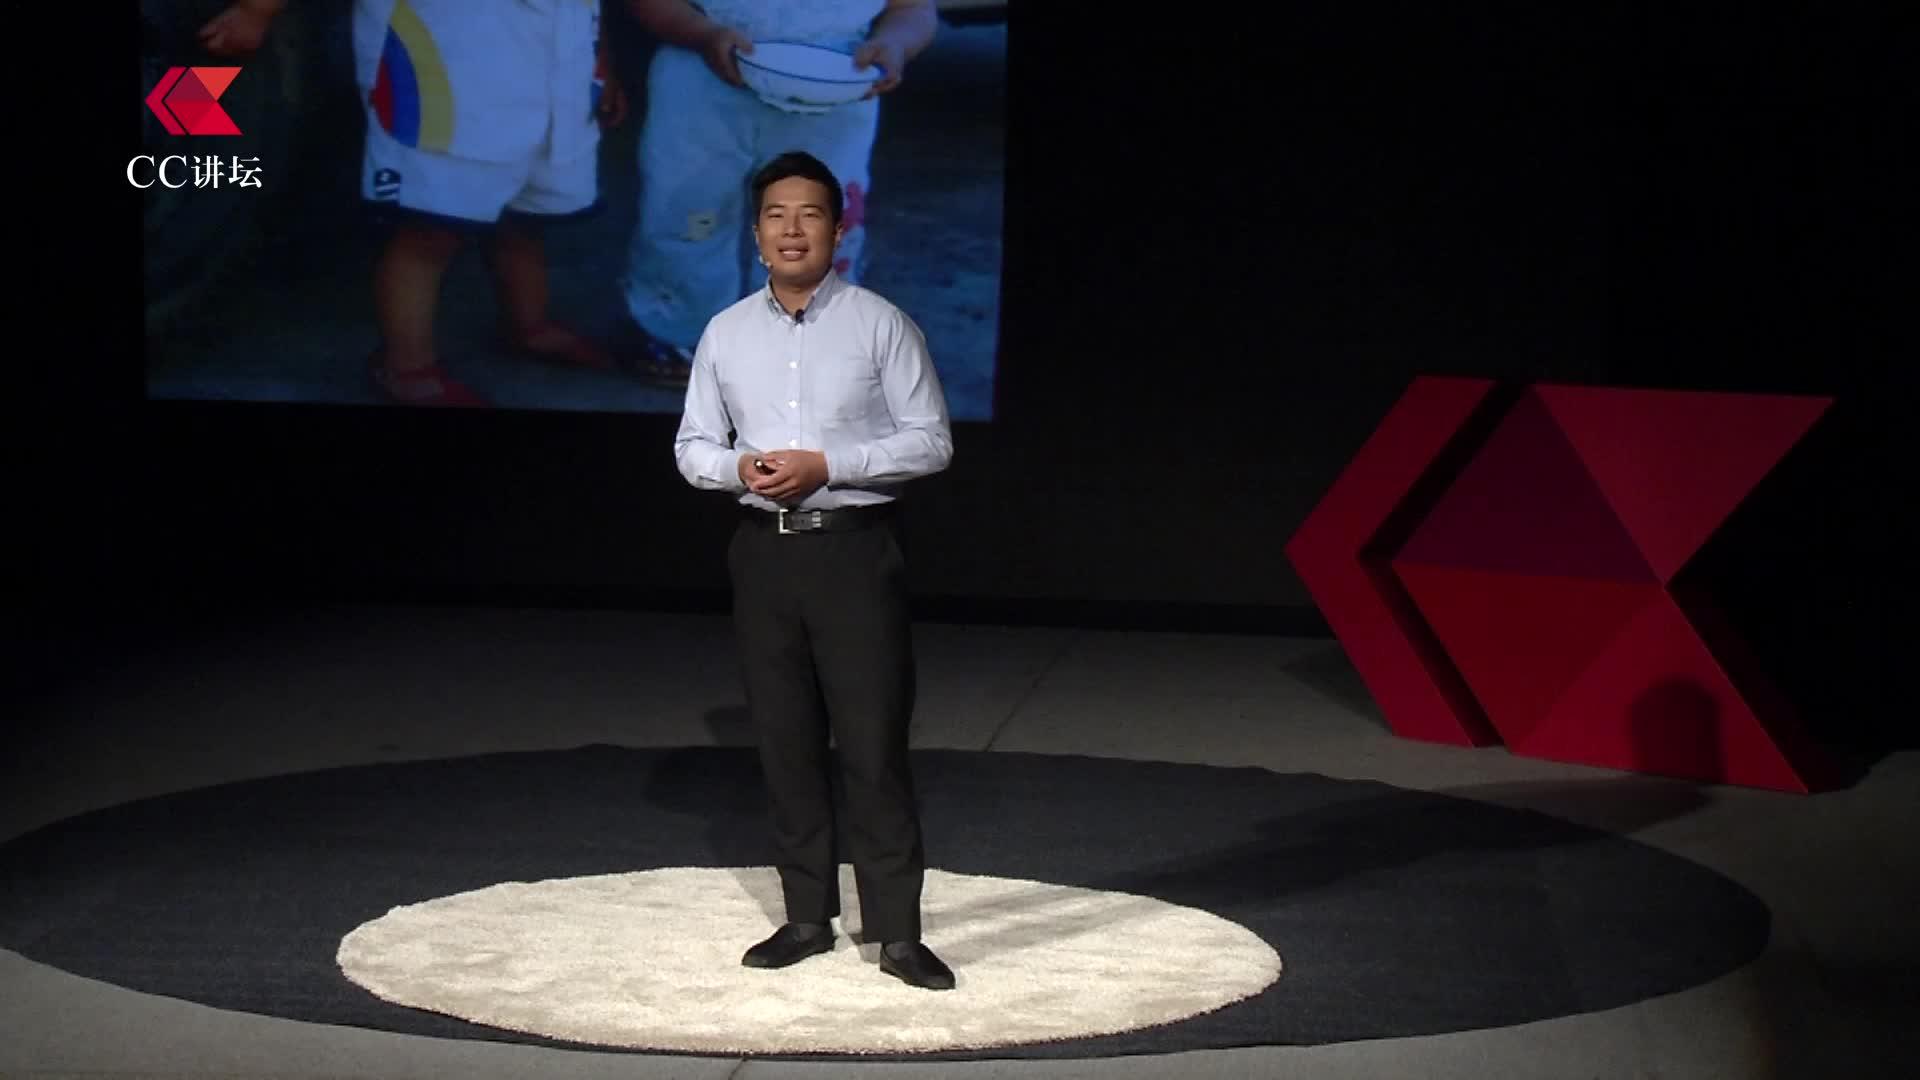 CC讲坛(公益)—王赛:搭建中国与世界的桥